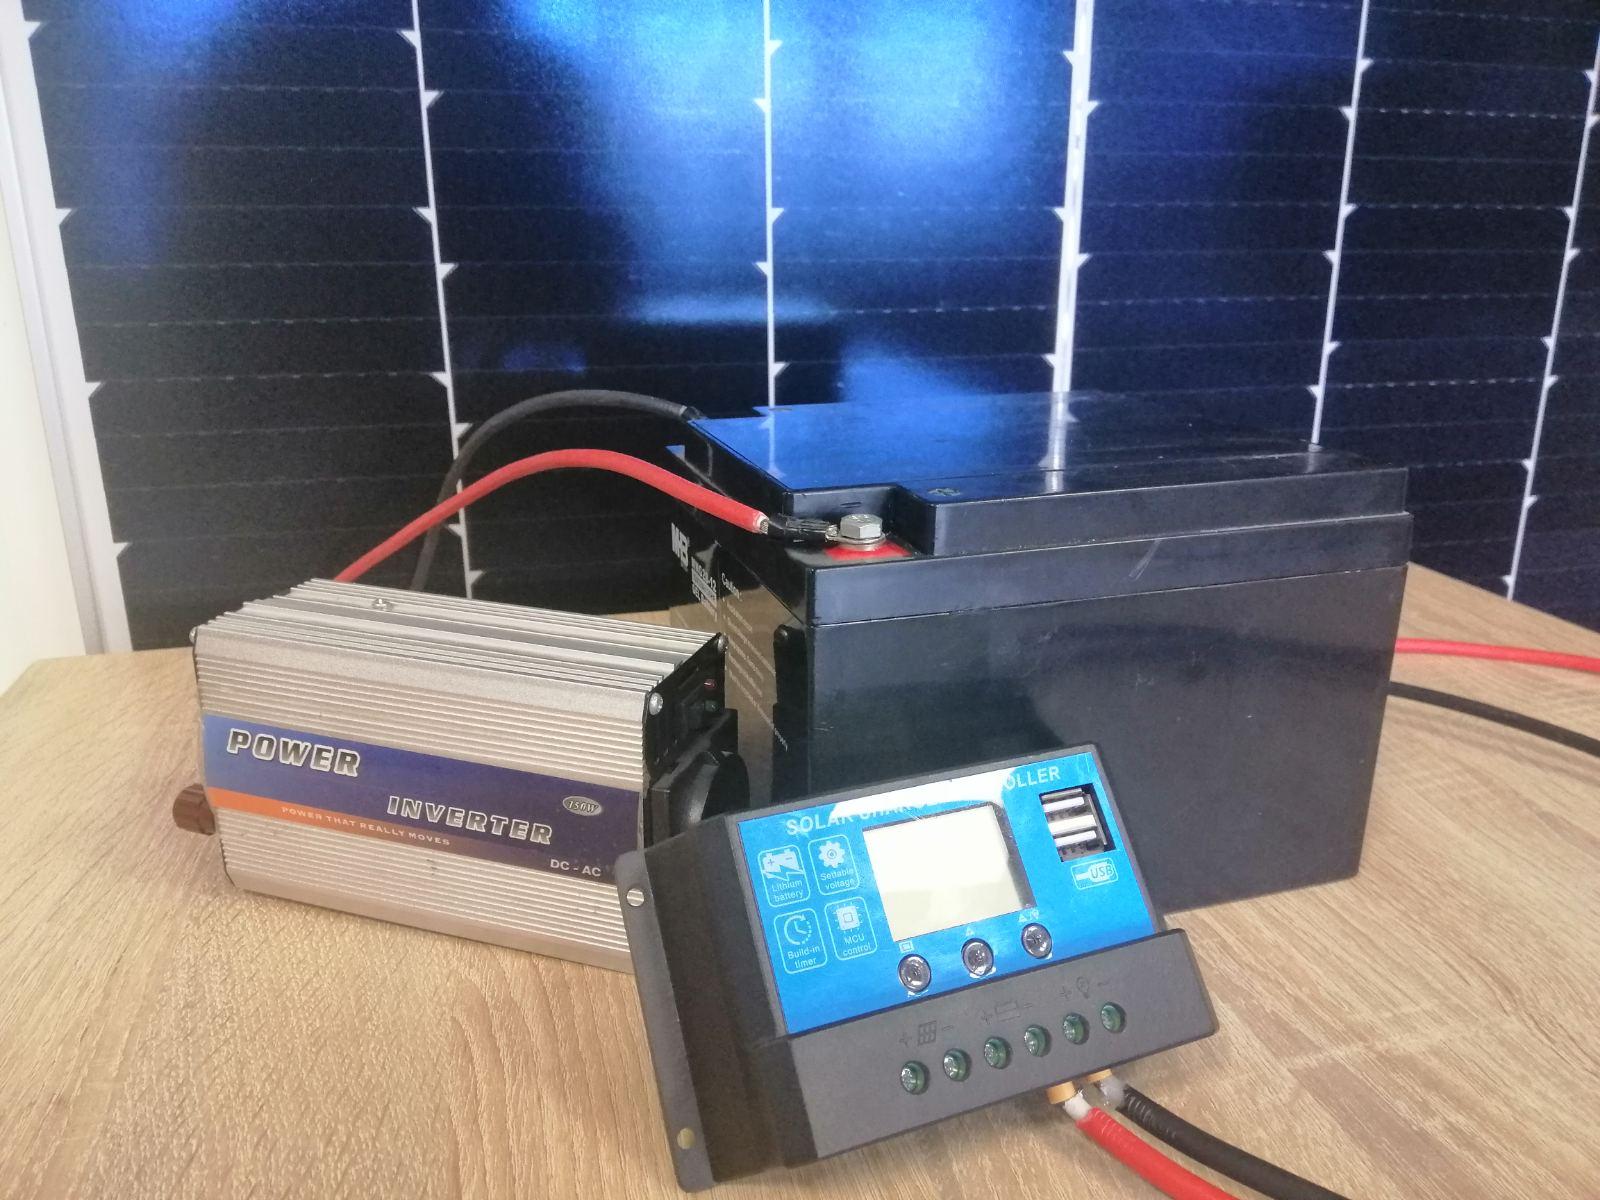 Сонячні панелі для туризму з акумулятором (автономна сонячна станція)